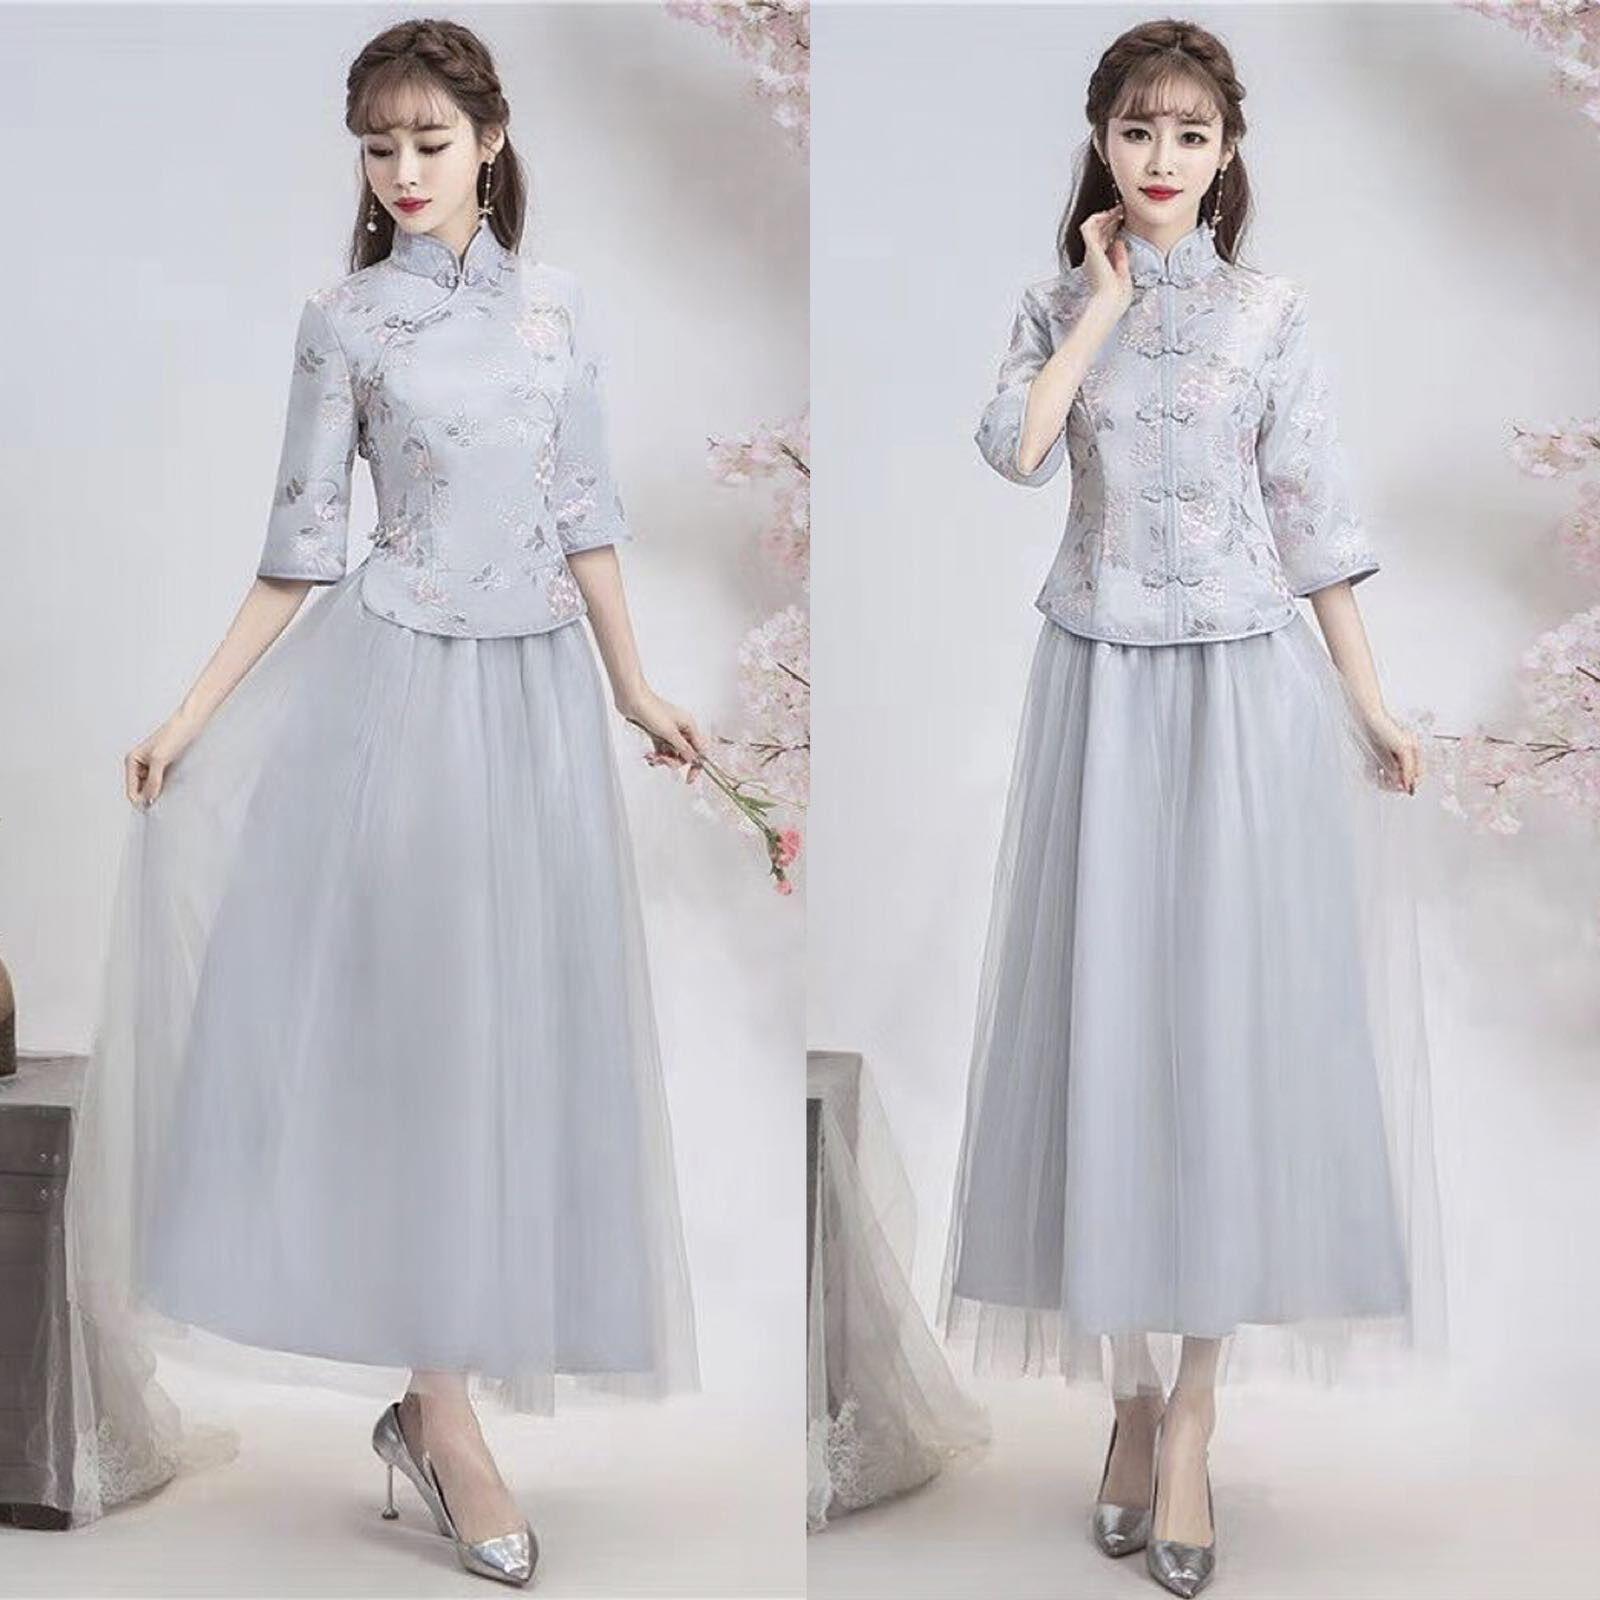 2020秋冬季长款伴娘服伴娘团伴娘礼服中式伴娘服长袖可穿打底